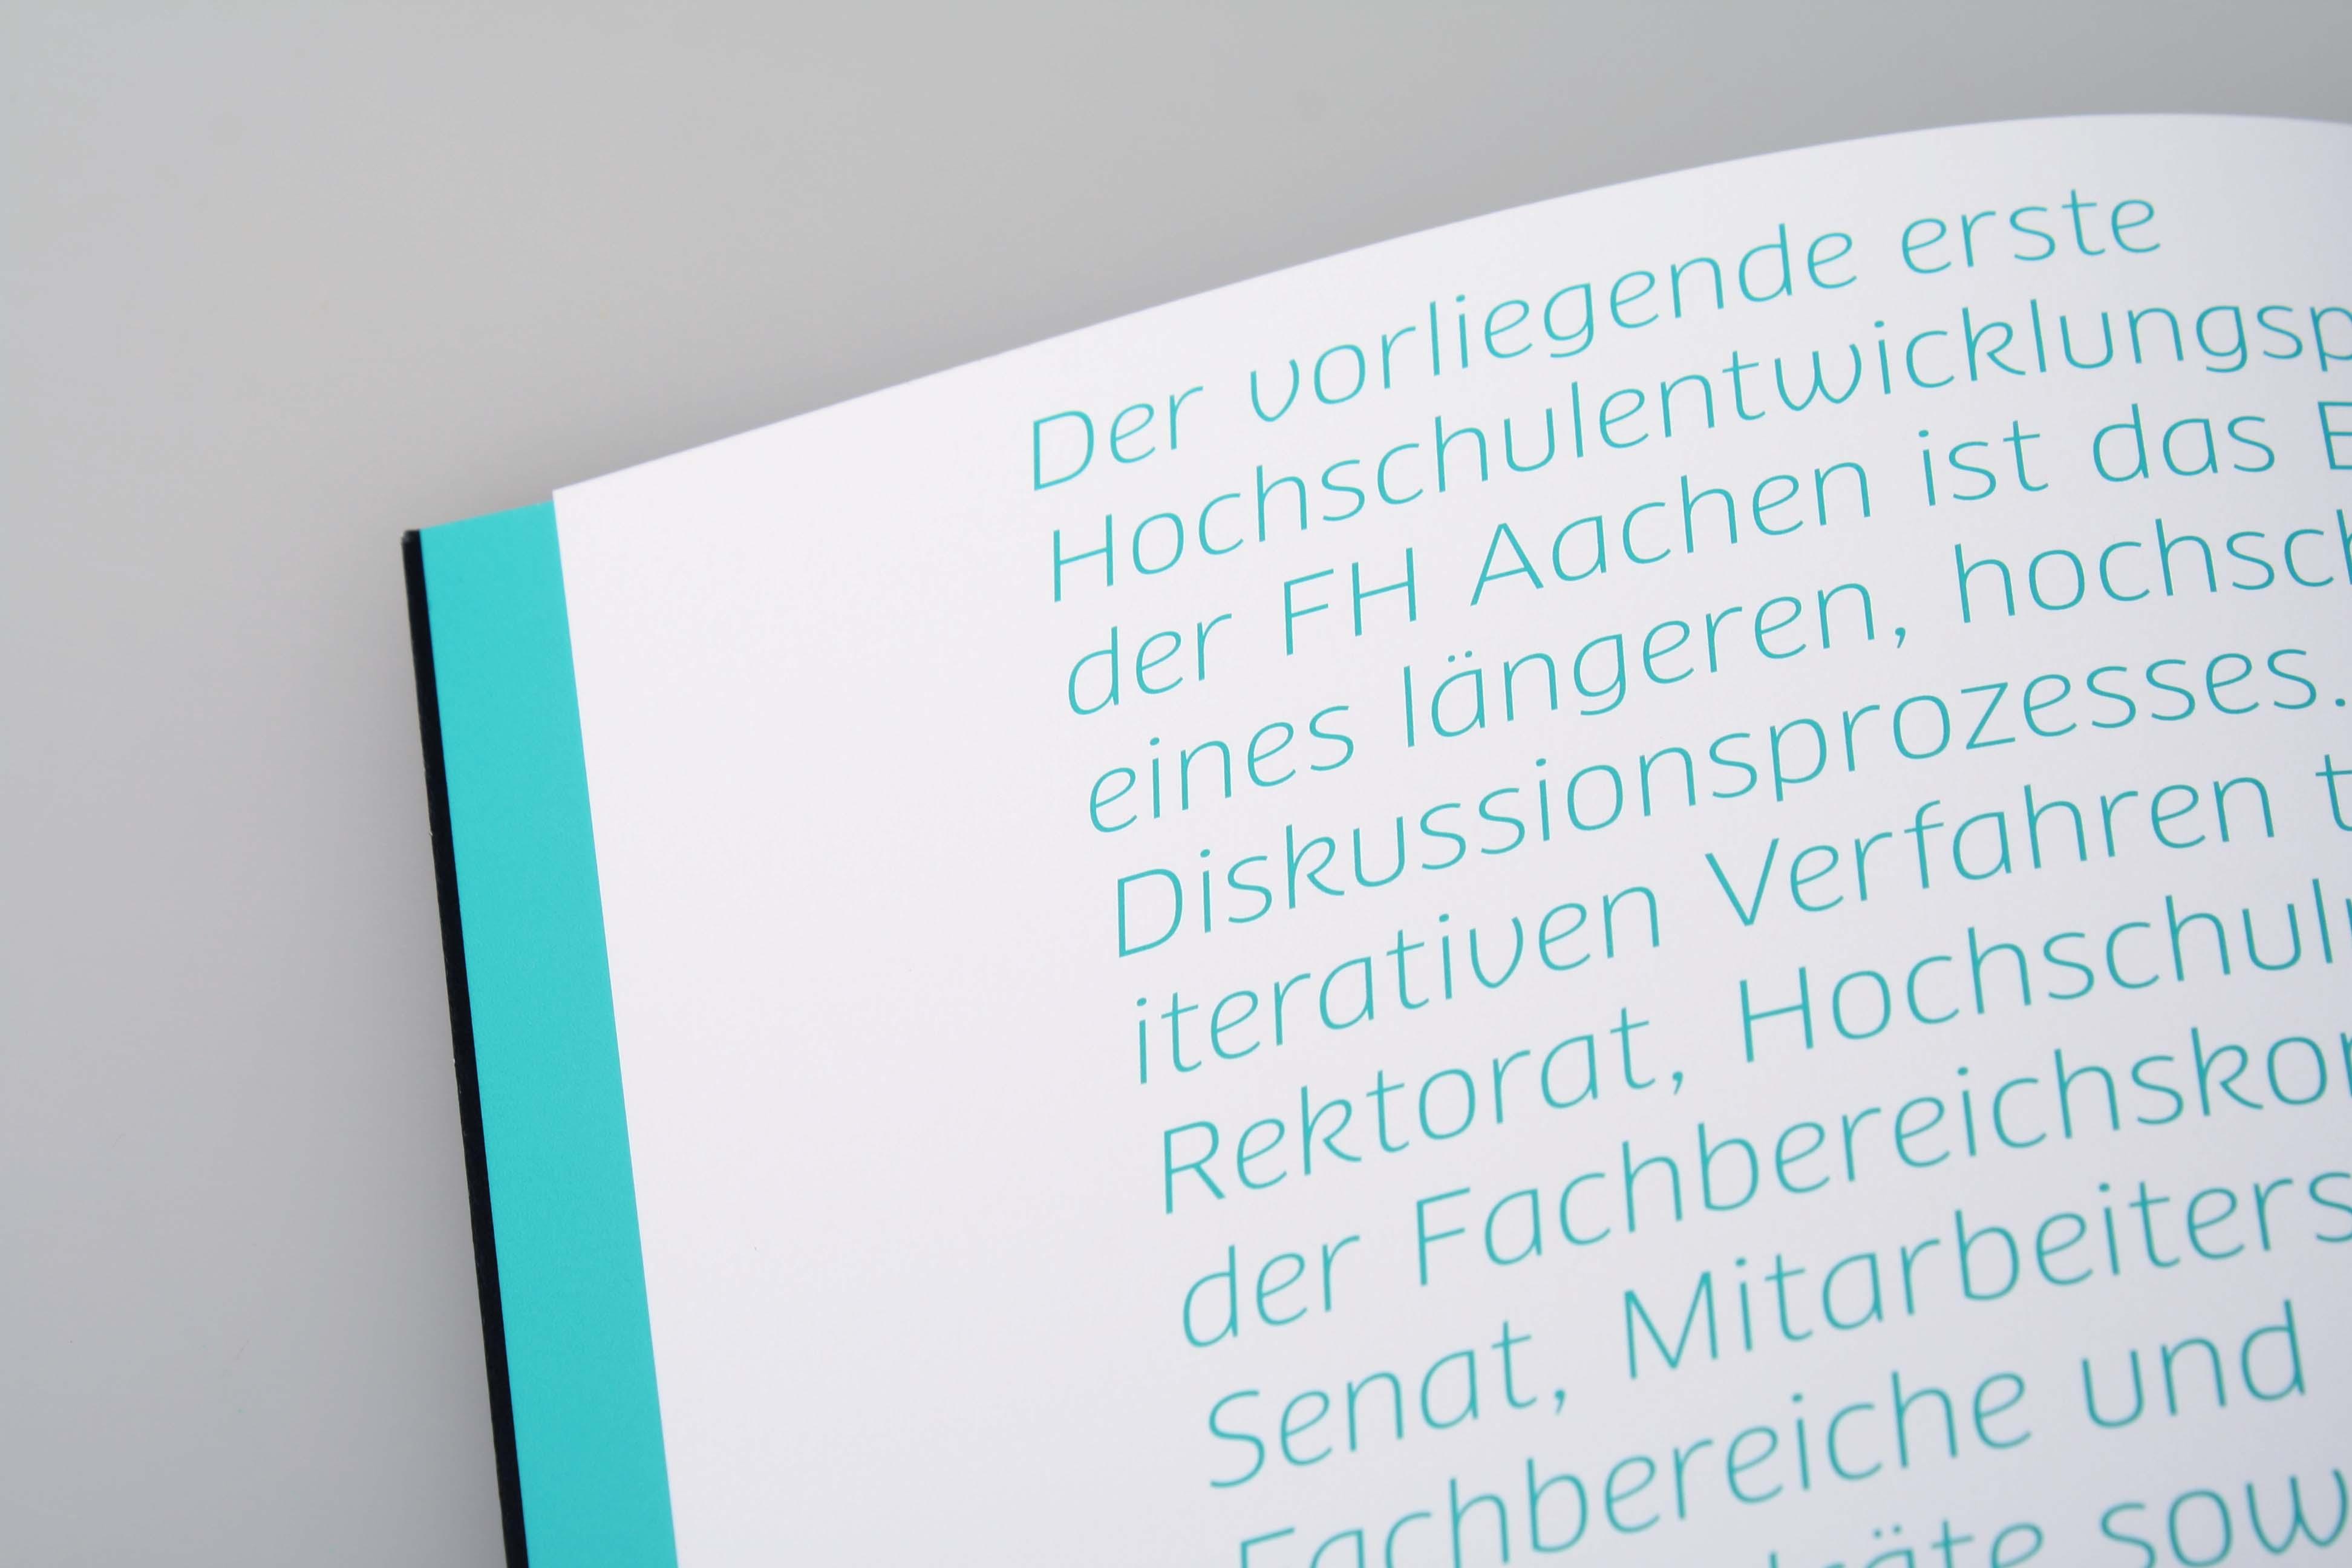 Hochschulentwicklungsplan